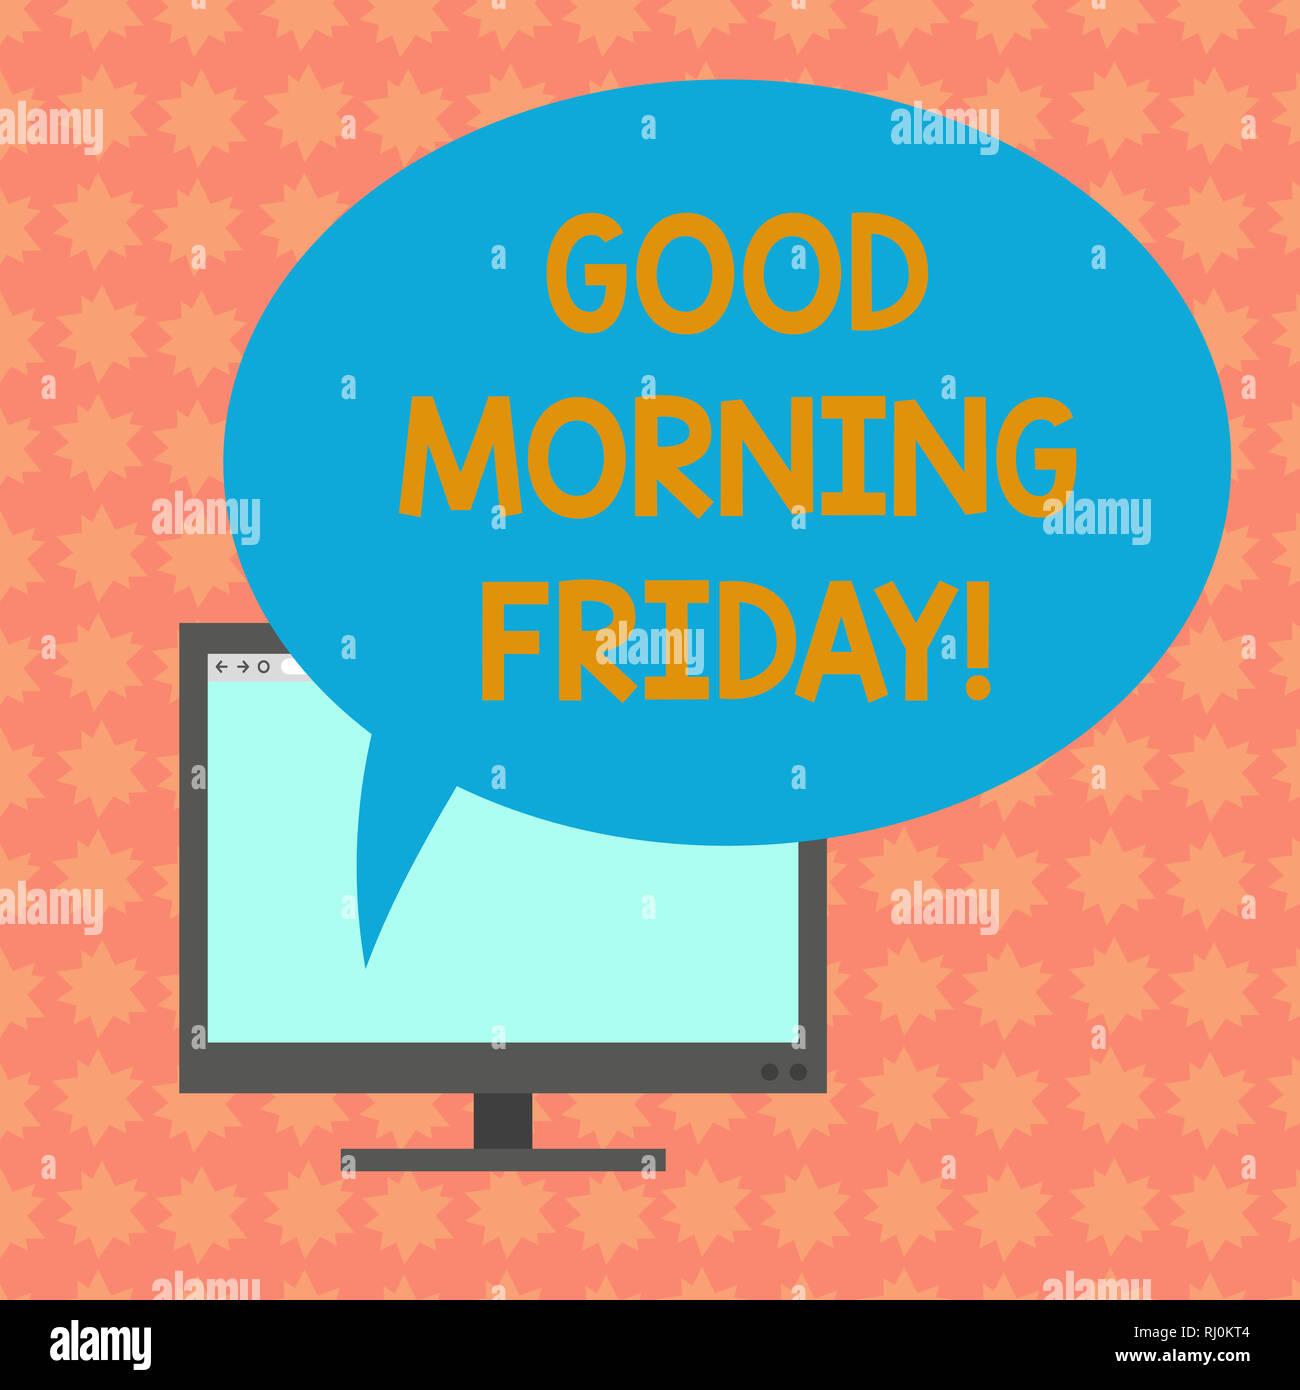 Guten Morgen Bilder Freitag Guten Morgen Freitag Bilder